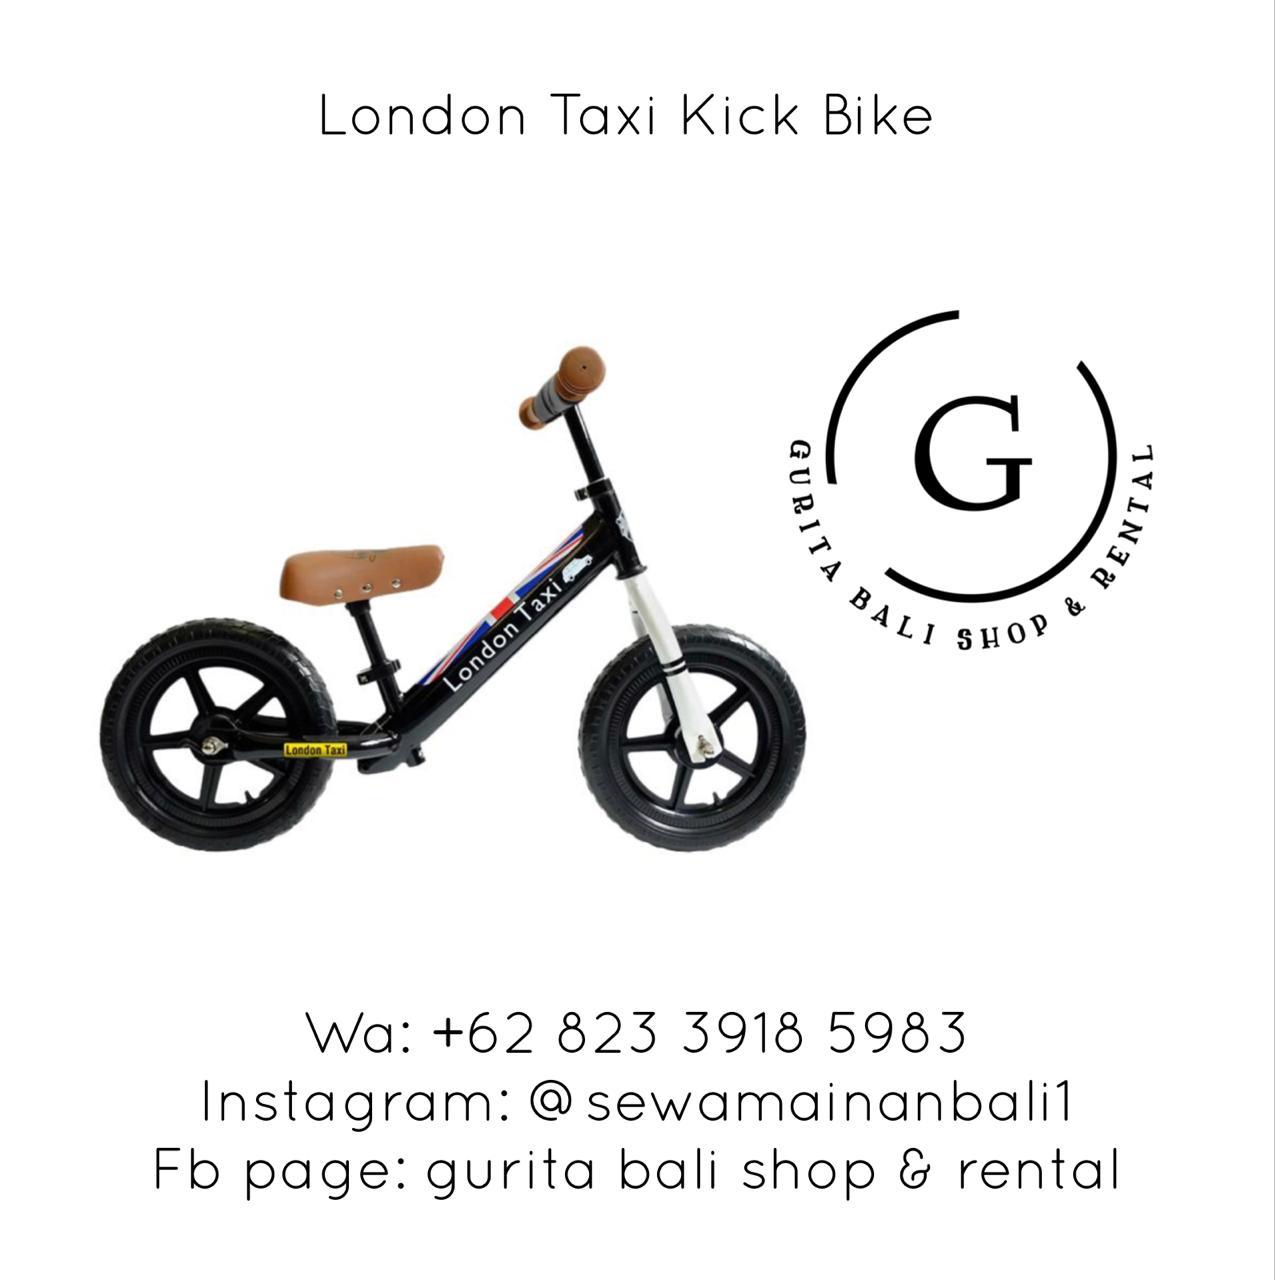 LONDON TAXI KICK BIKE 2